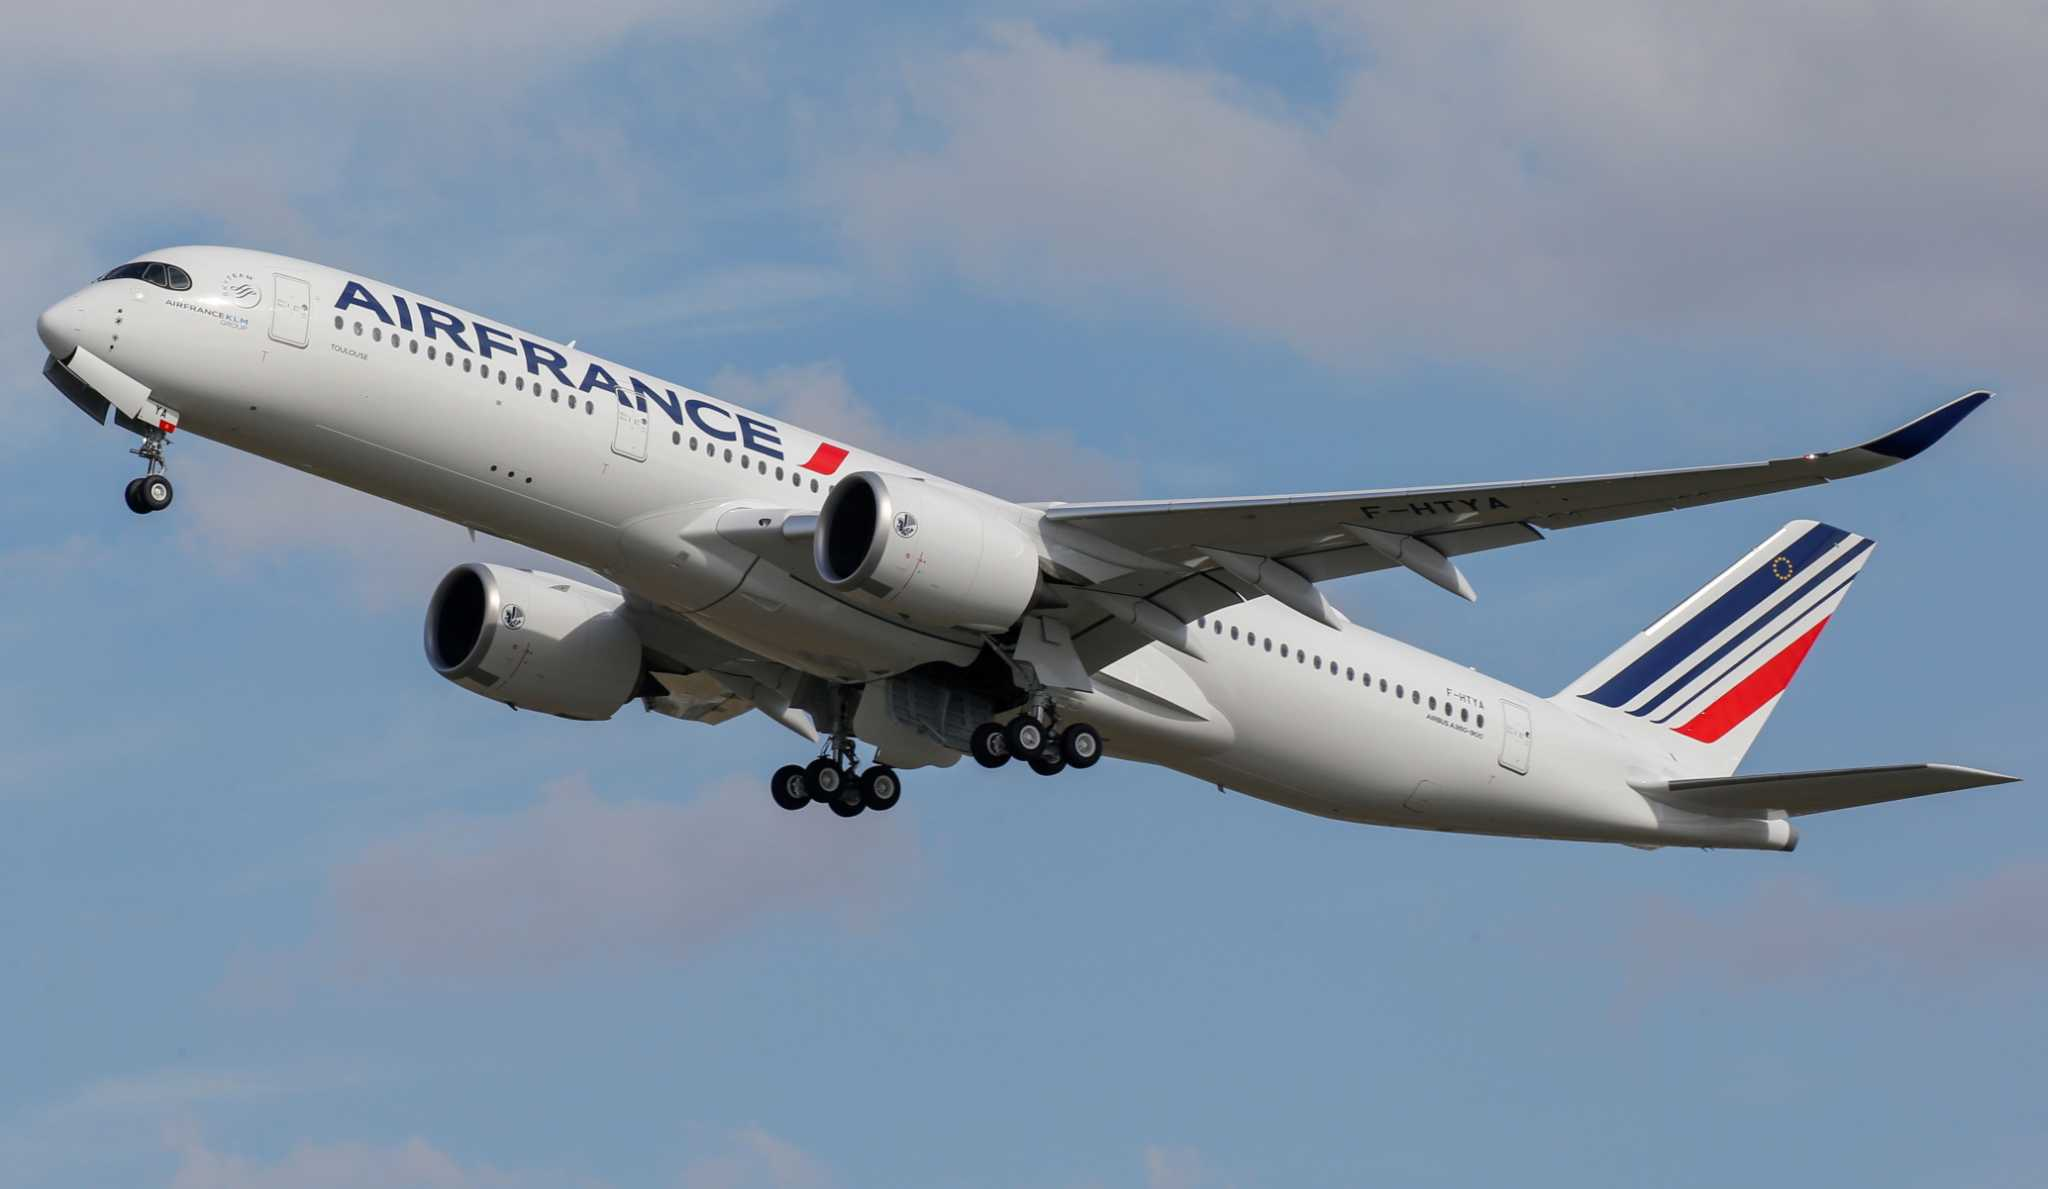 Γαλλία: Σε δίκη Air France και Airbus για την αεροπορική τραγωδία της πτήσης Ρίο – Παρίσι το 2009 (video)